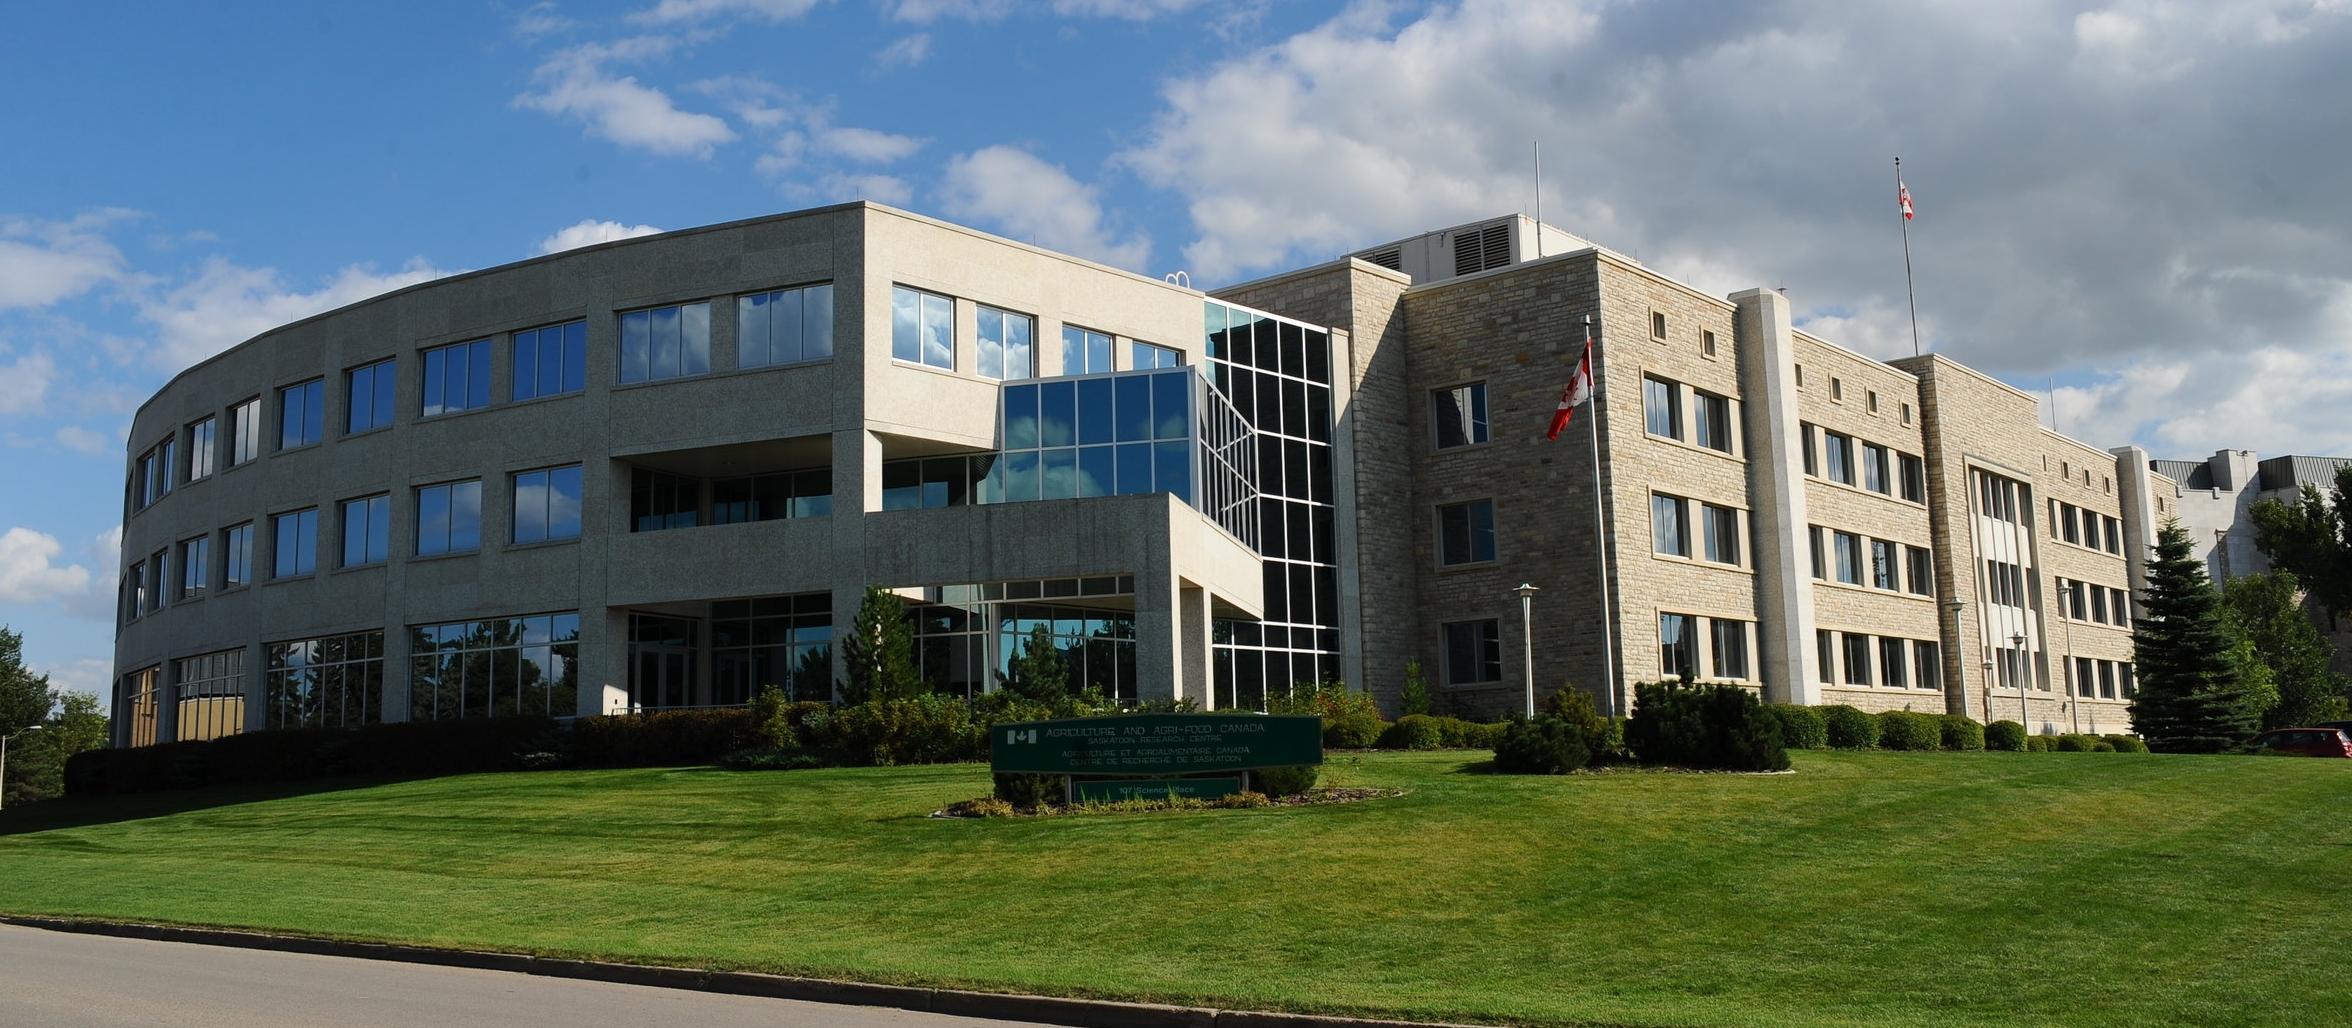 Agriculture Building University of Saskatchewan - Saskatoon, SK